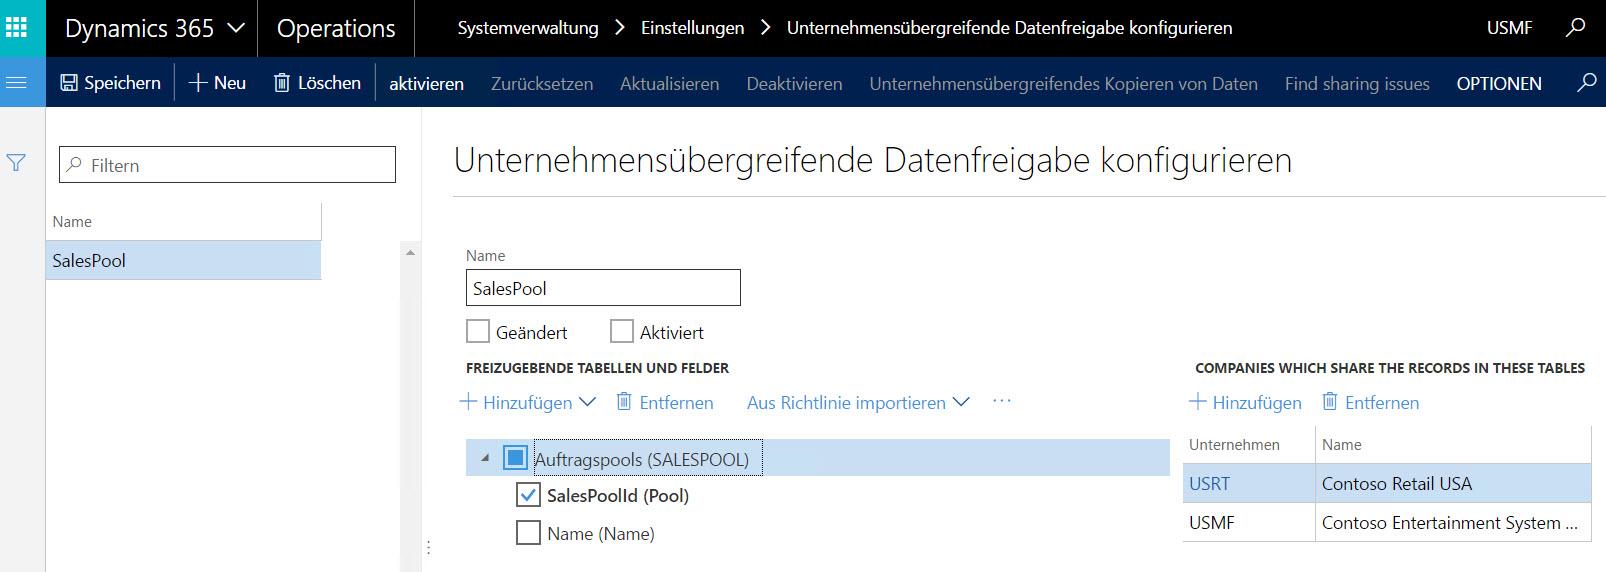 companydatasharingconfiguration